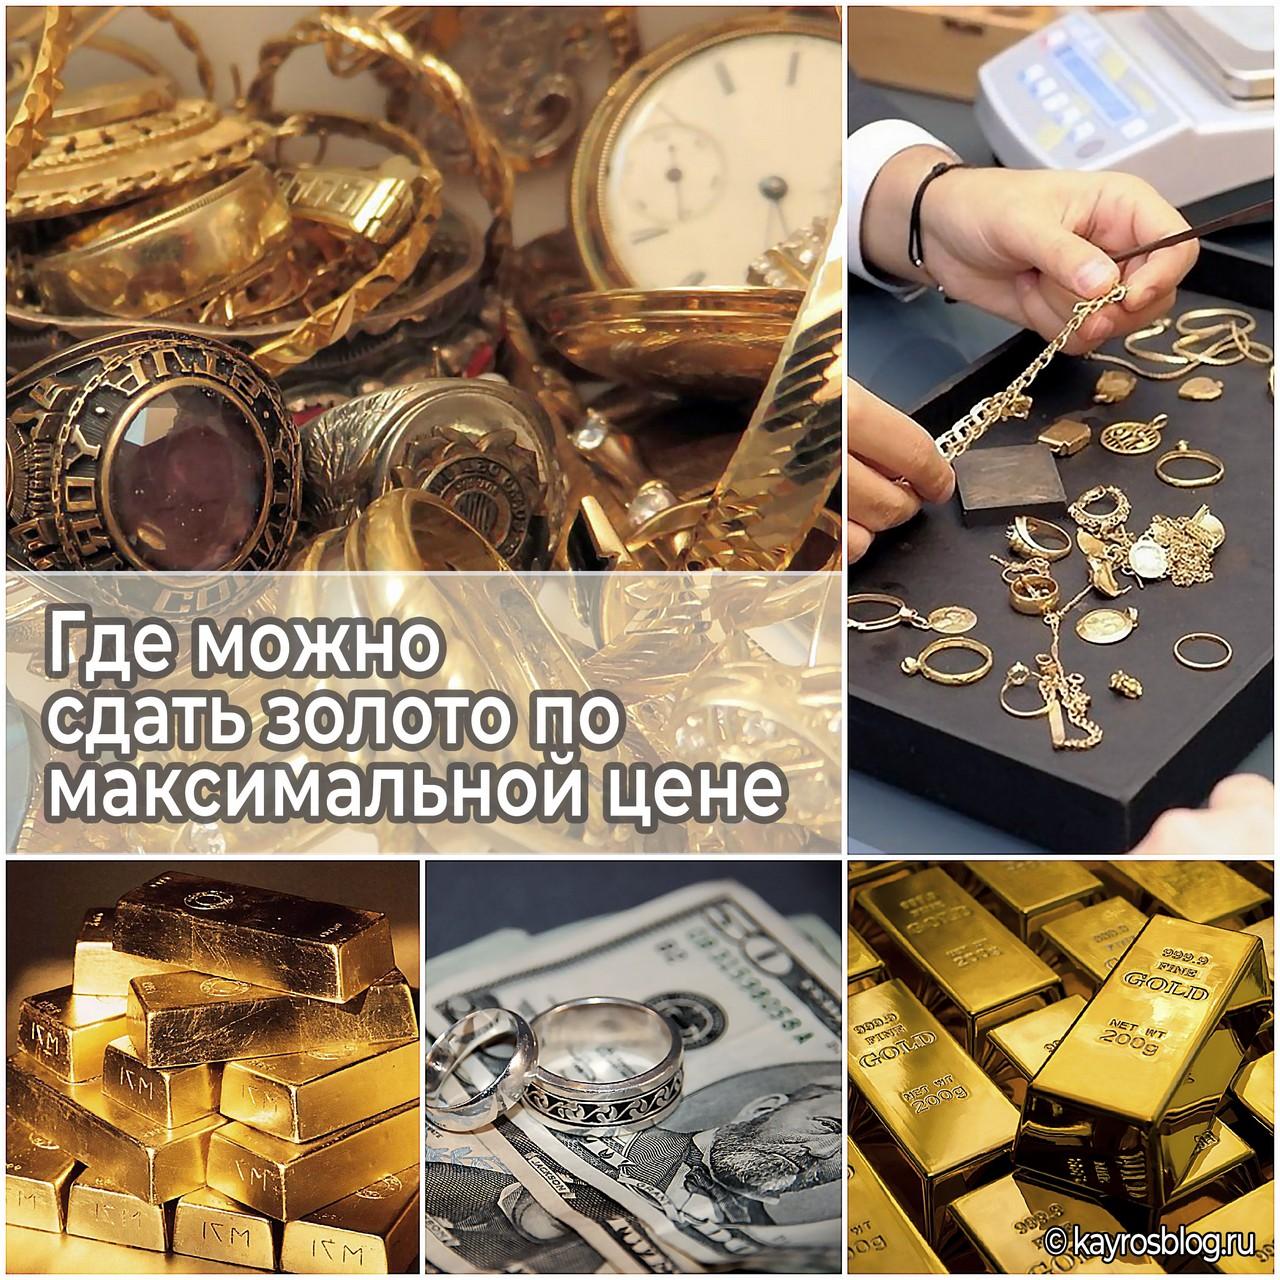 Где можно сдать золото по максимальной цене